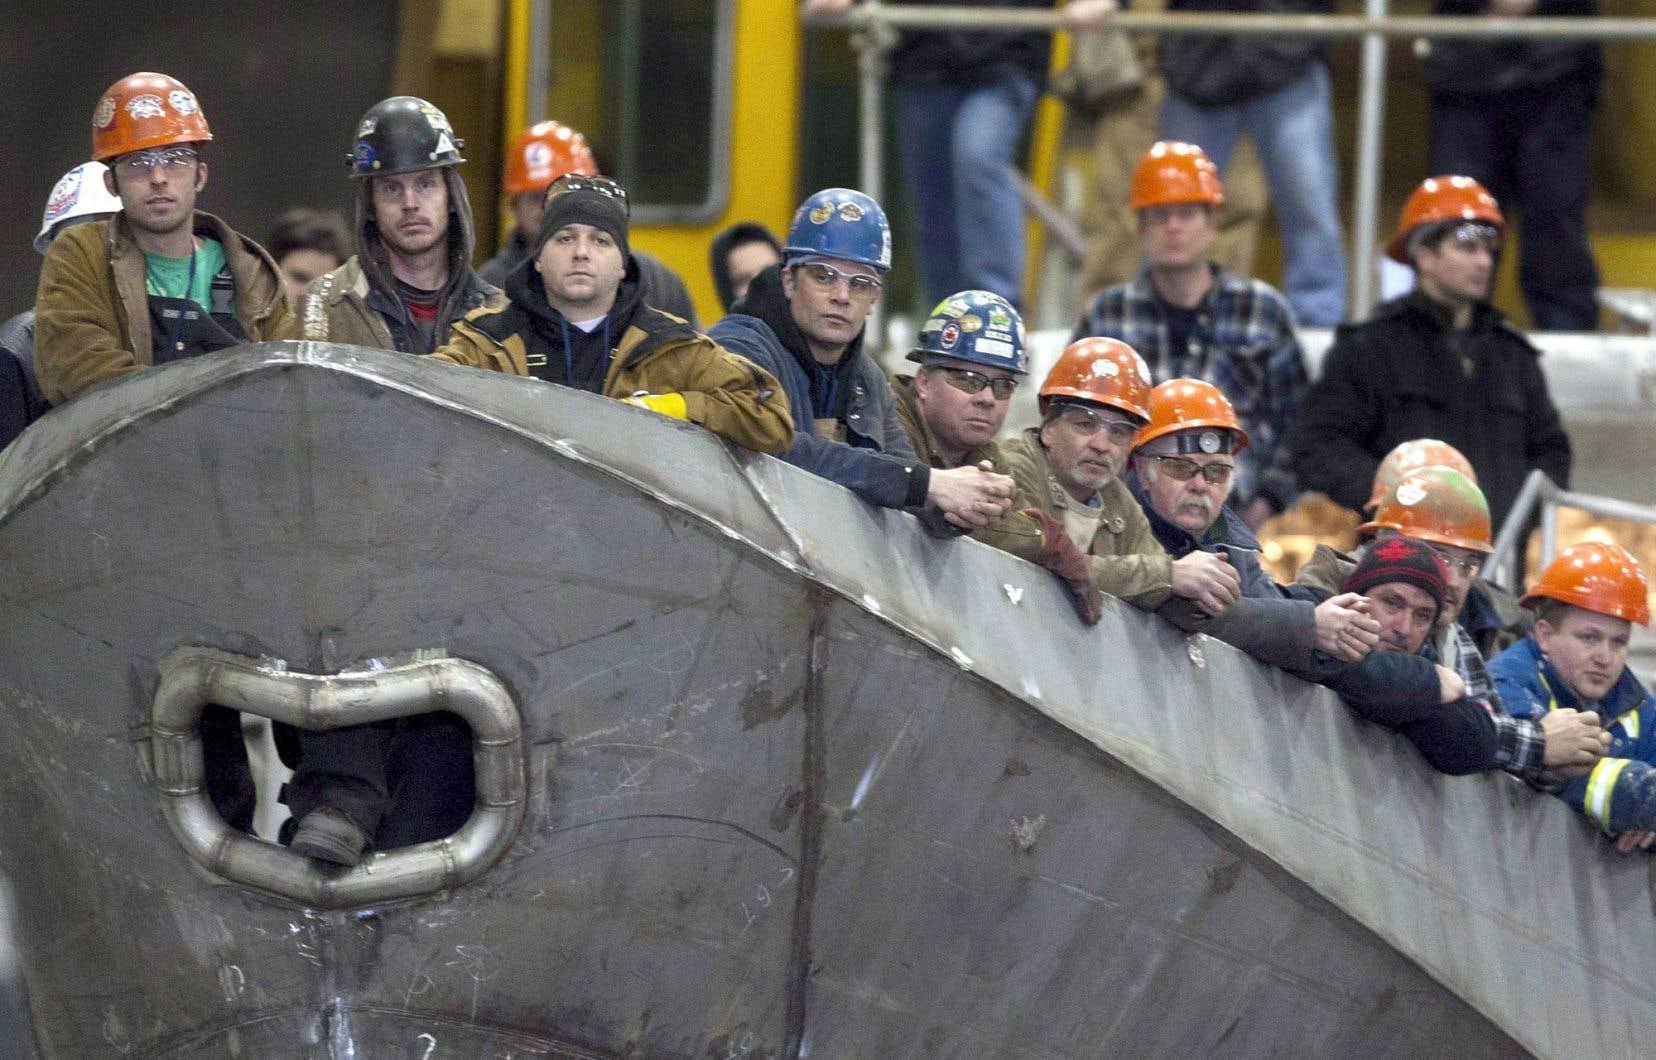 Le gouvernement conservateur de Stephen Harper a octroyé en 2012 des contrats de construction navale aux chantiers maritimes Seaspan, à Vancouver, et Irving, à Halifax, mais aucun navire n'a encore été construit.